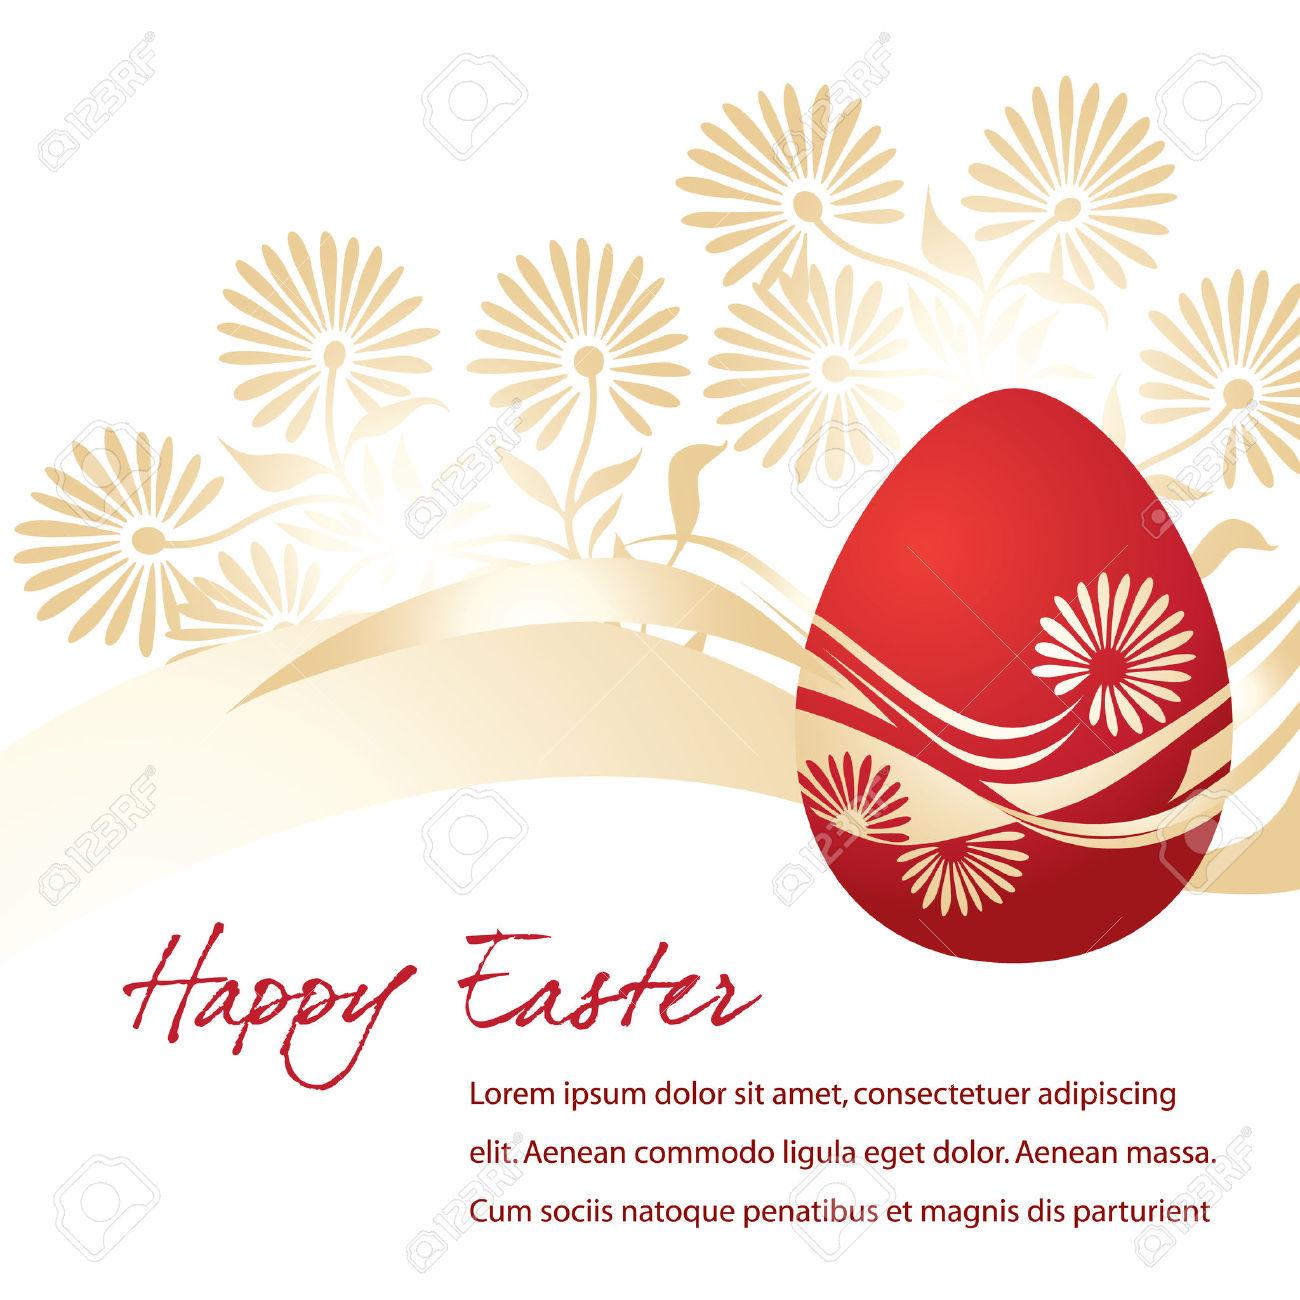 Elegant easter clipart vector black and white Elegant Egg For Easter Holiday Celebration Royalty Free Cliparts ... vector black and white